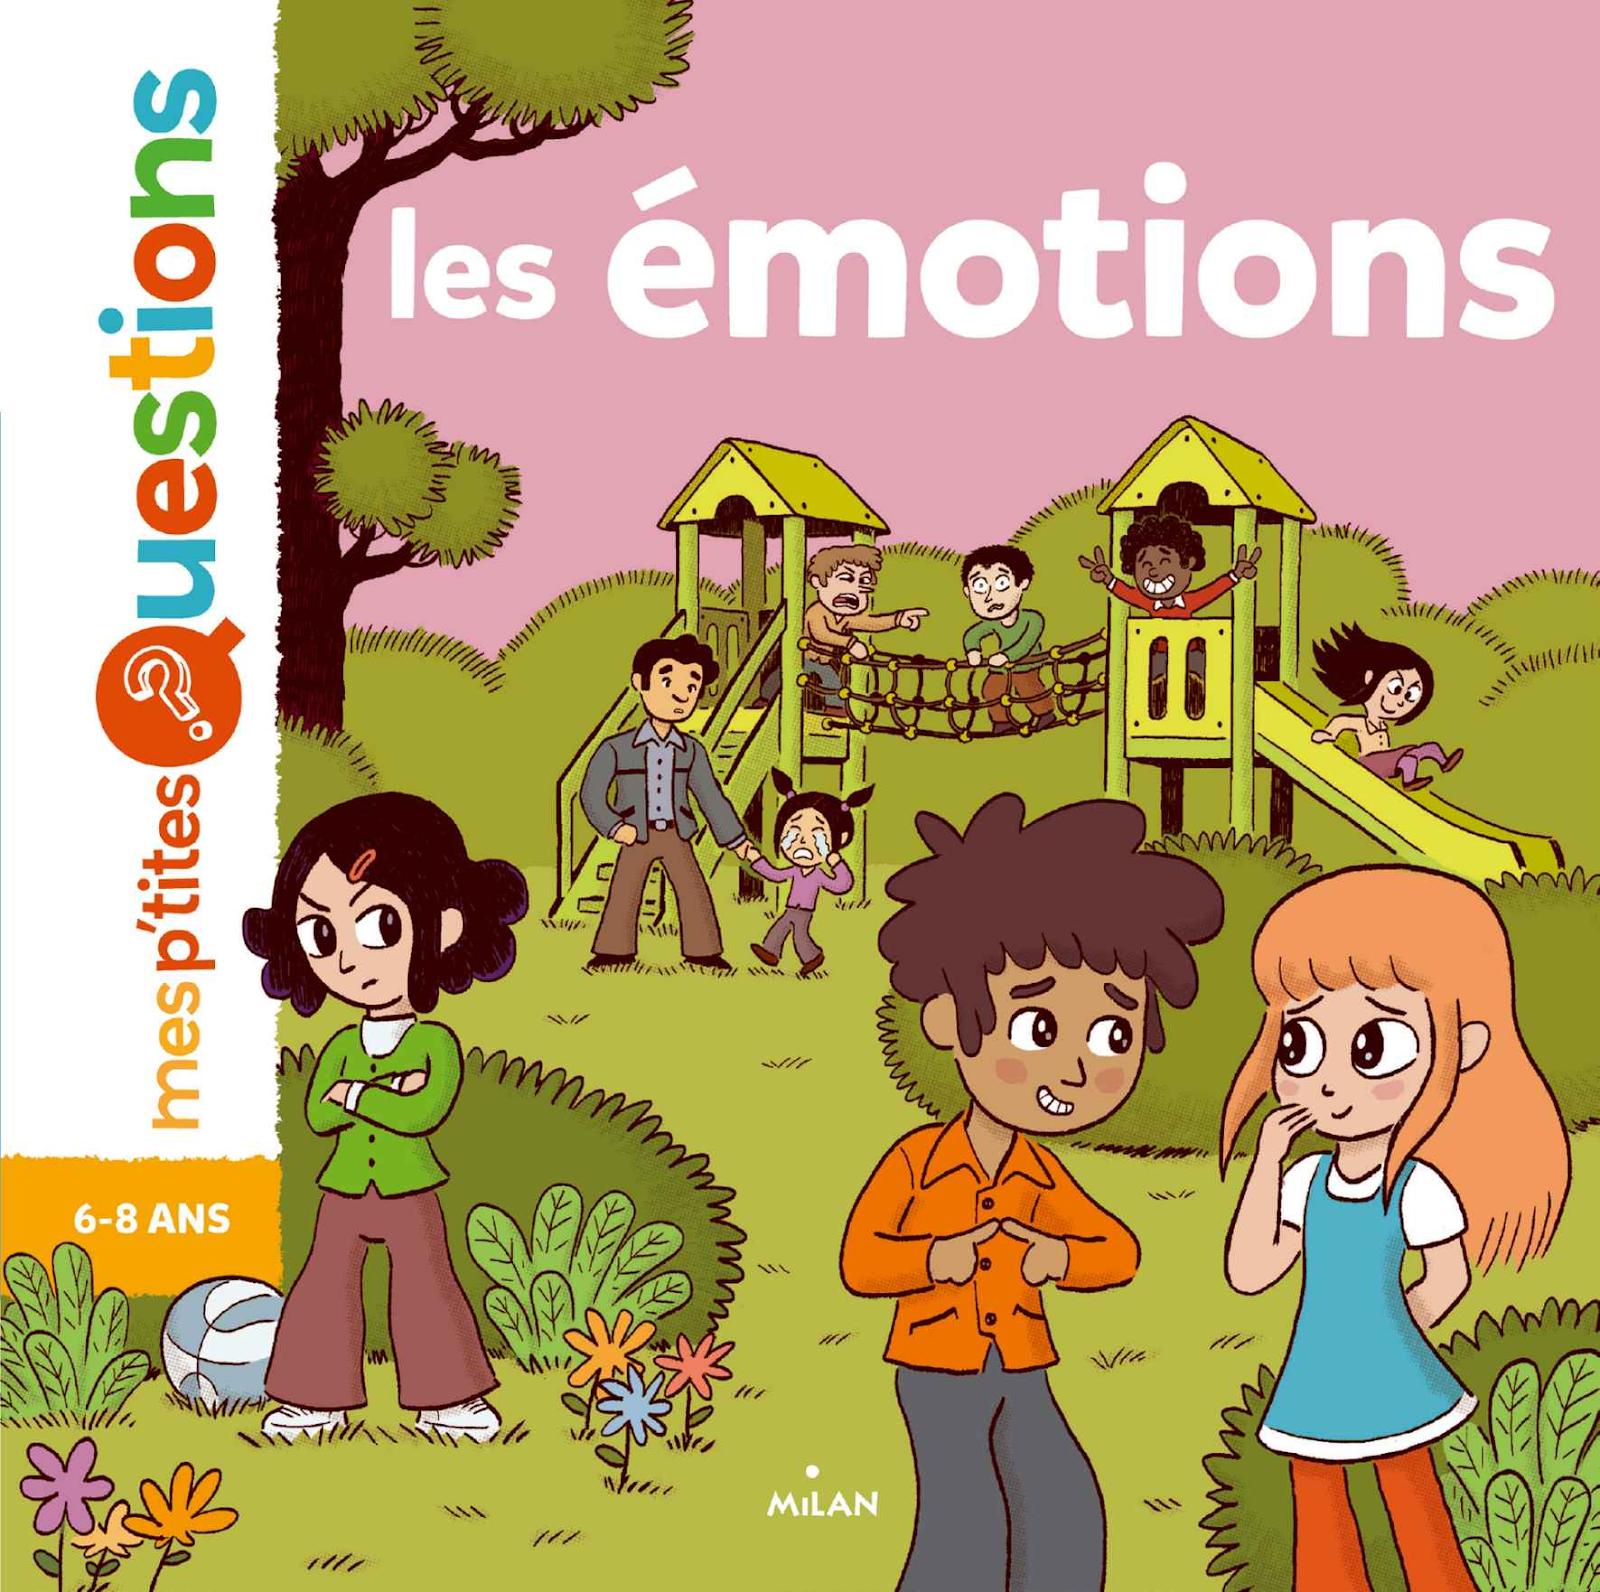 questions sur les émotions, comprendre les émotions, livre 5 ans, livre 6 ans, livre 7 ans, livre 8 ans, livre enfant émotions